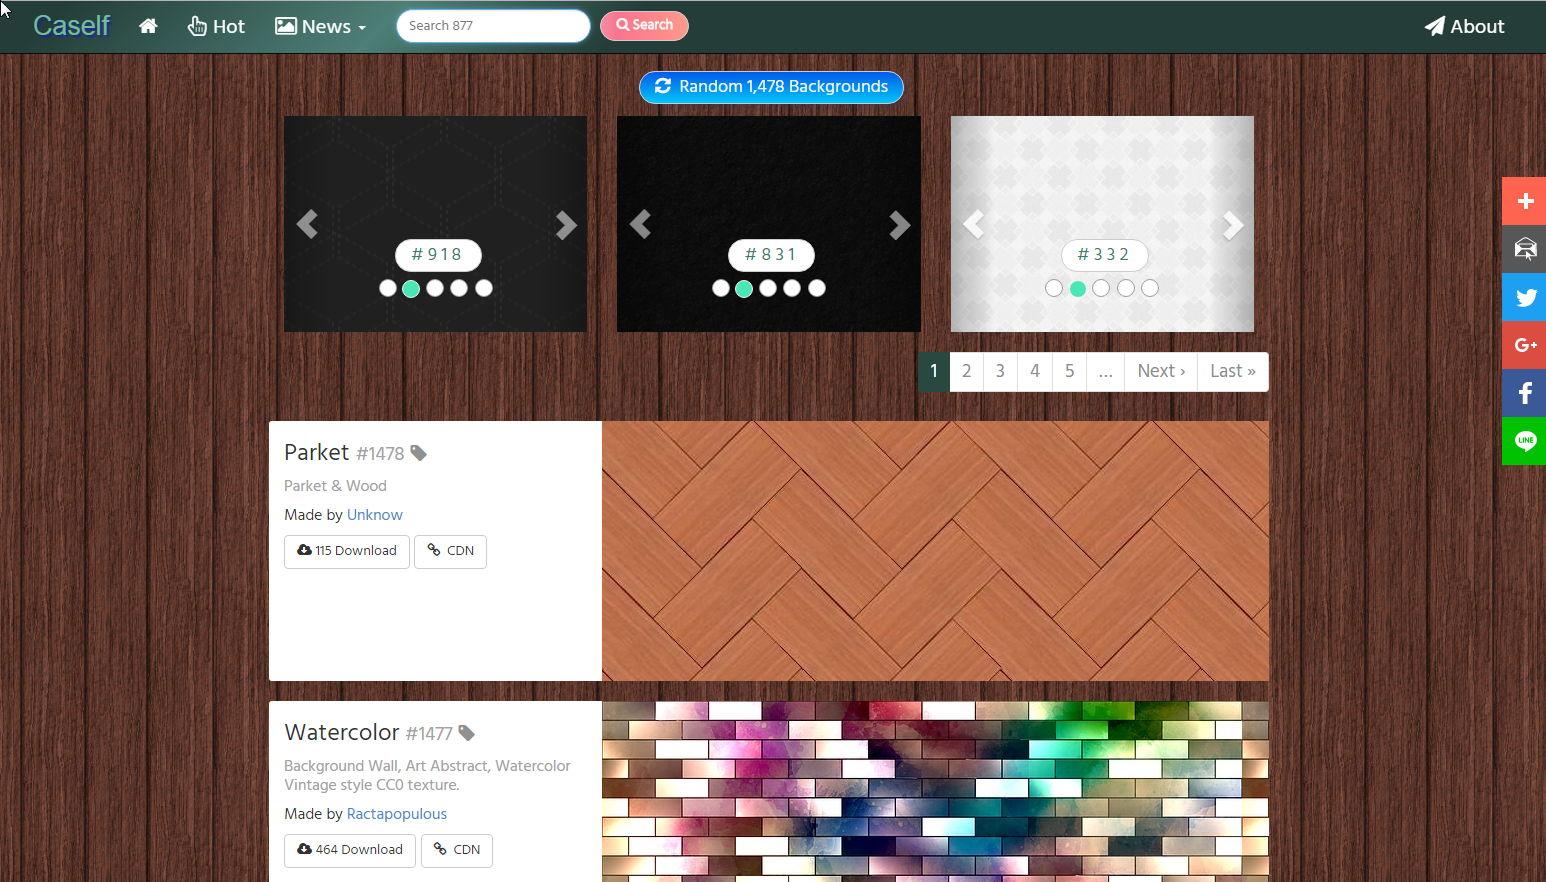 【壁纸素材】Caself 高画质免费壁纸素材下载